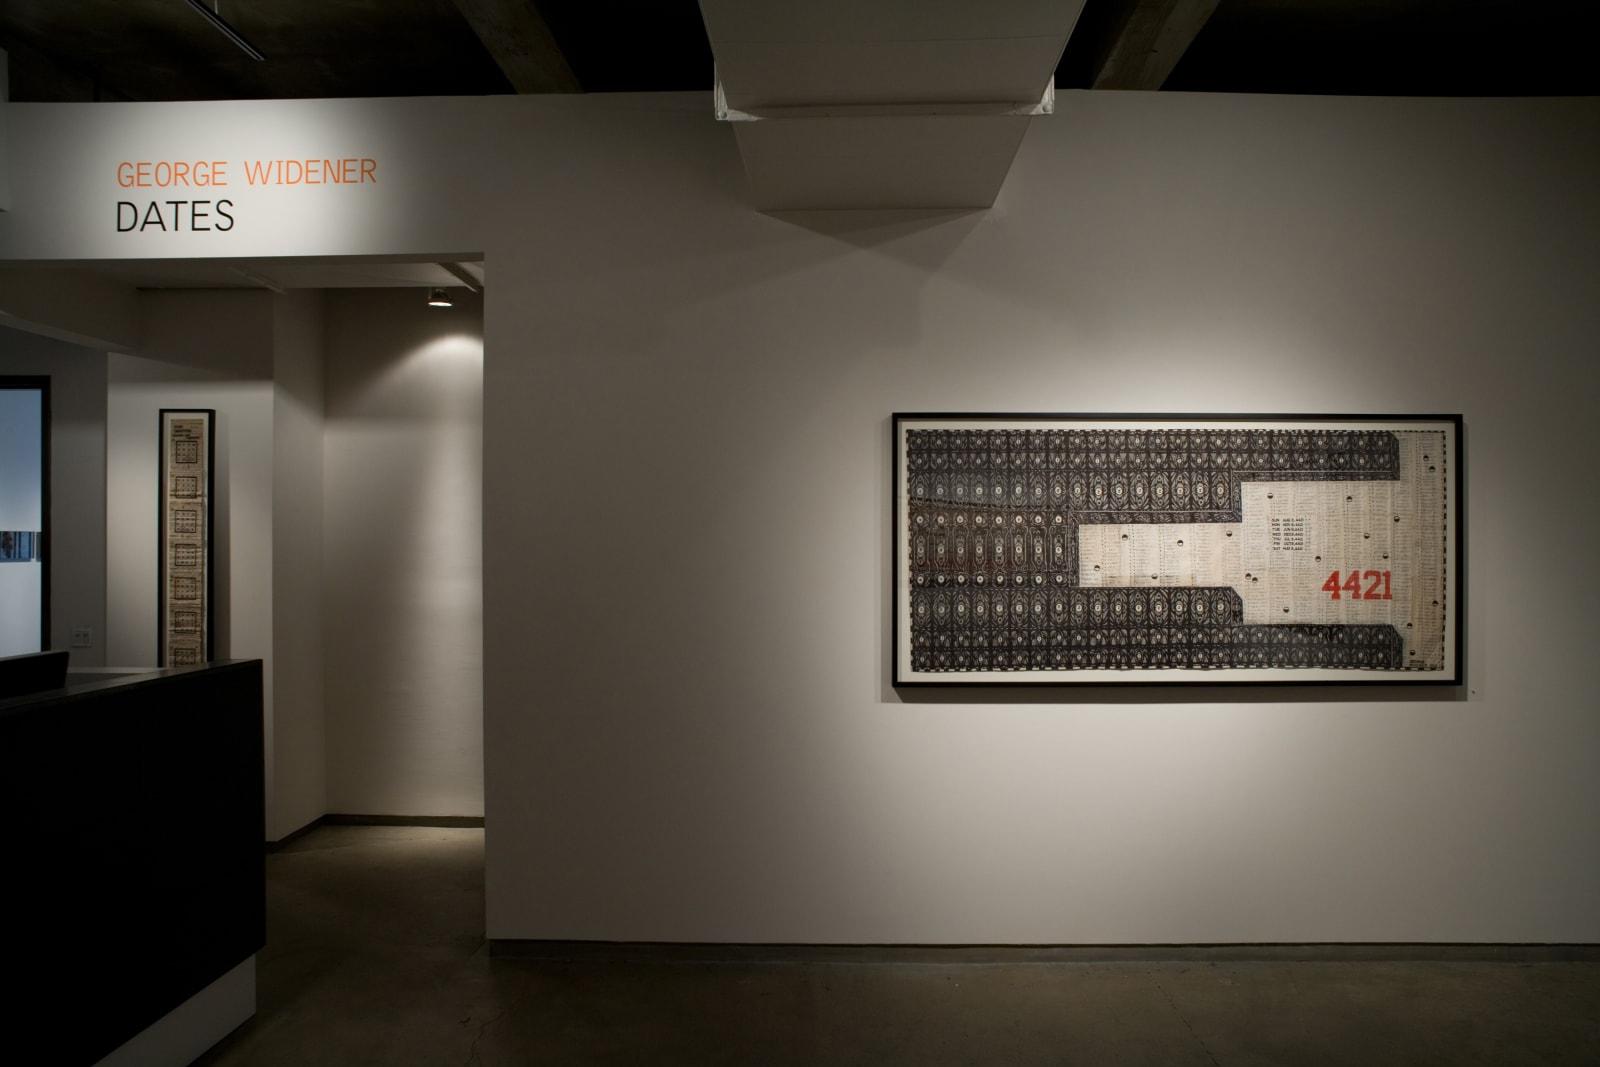 George Widener: Dates